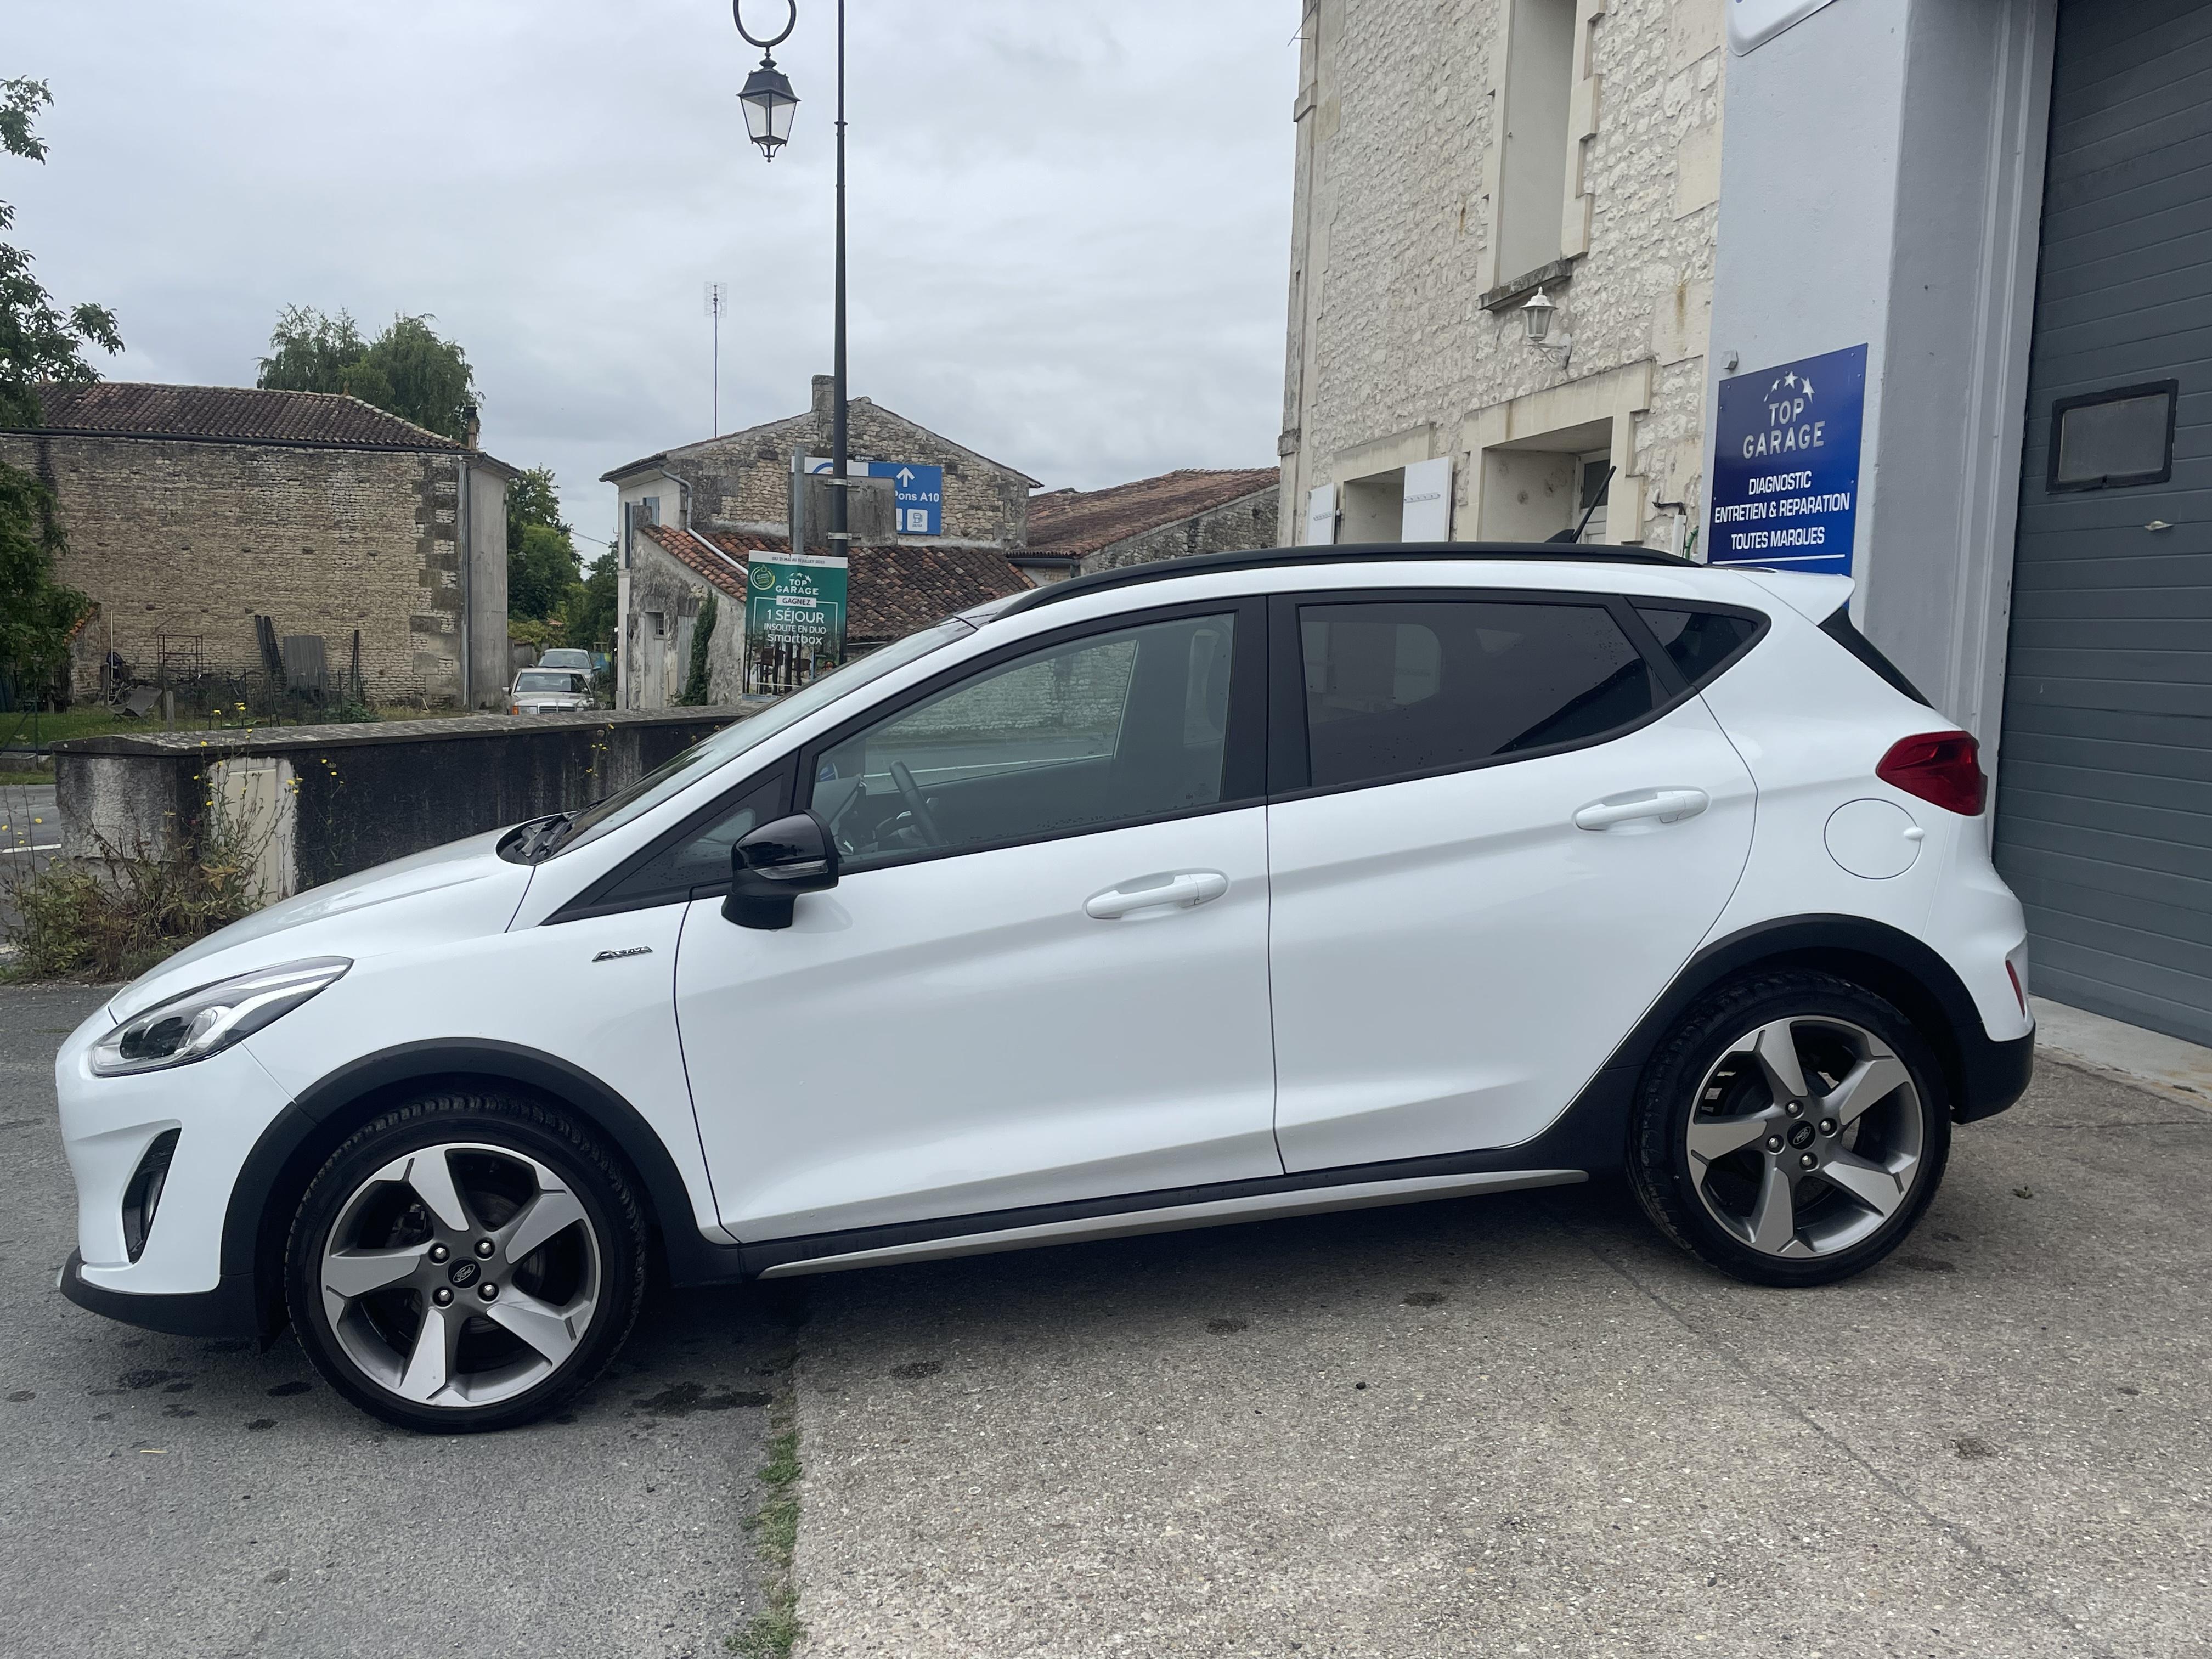 Bmw BMW 120dA Xdrive M Sport 5p 61000Km - Image 2